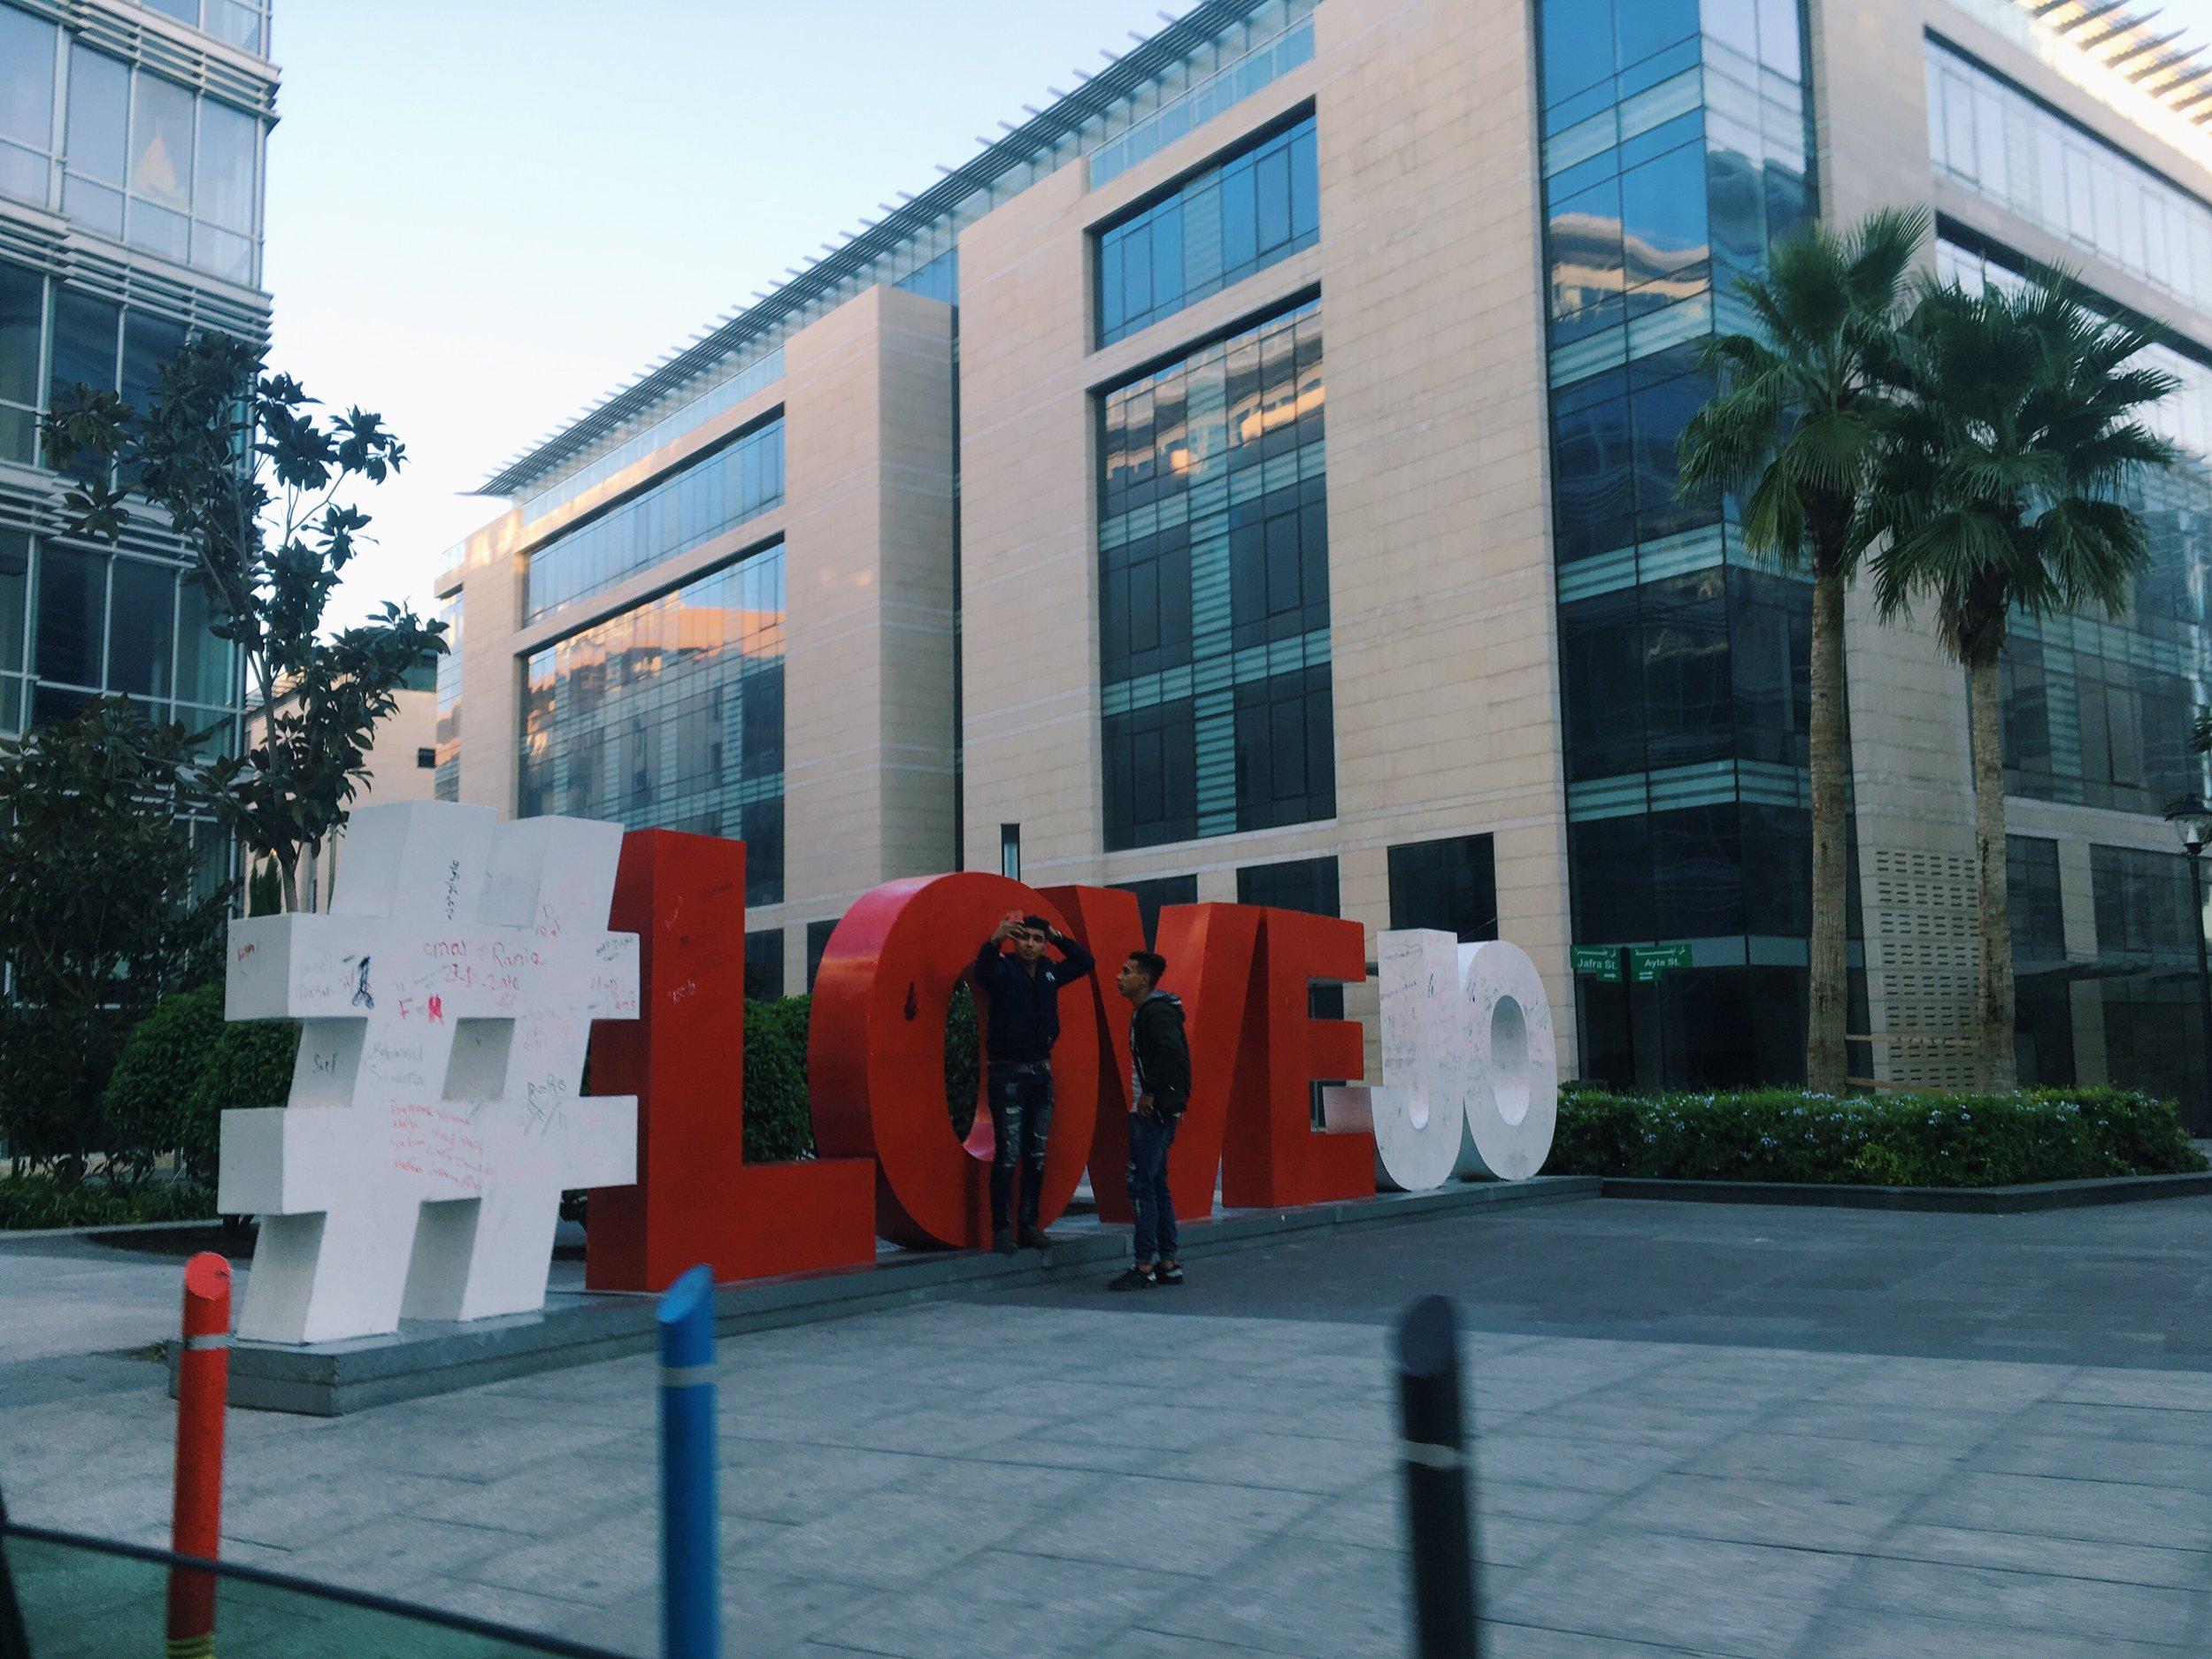 #LOVEJO at Amman's new downtown, Abdali. Photo credit: L. McGuire, Fall 2018